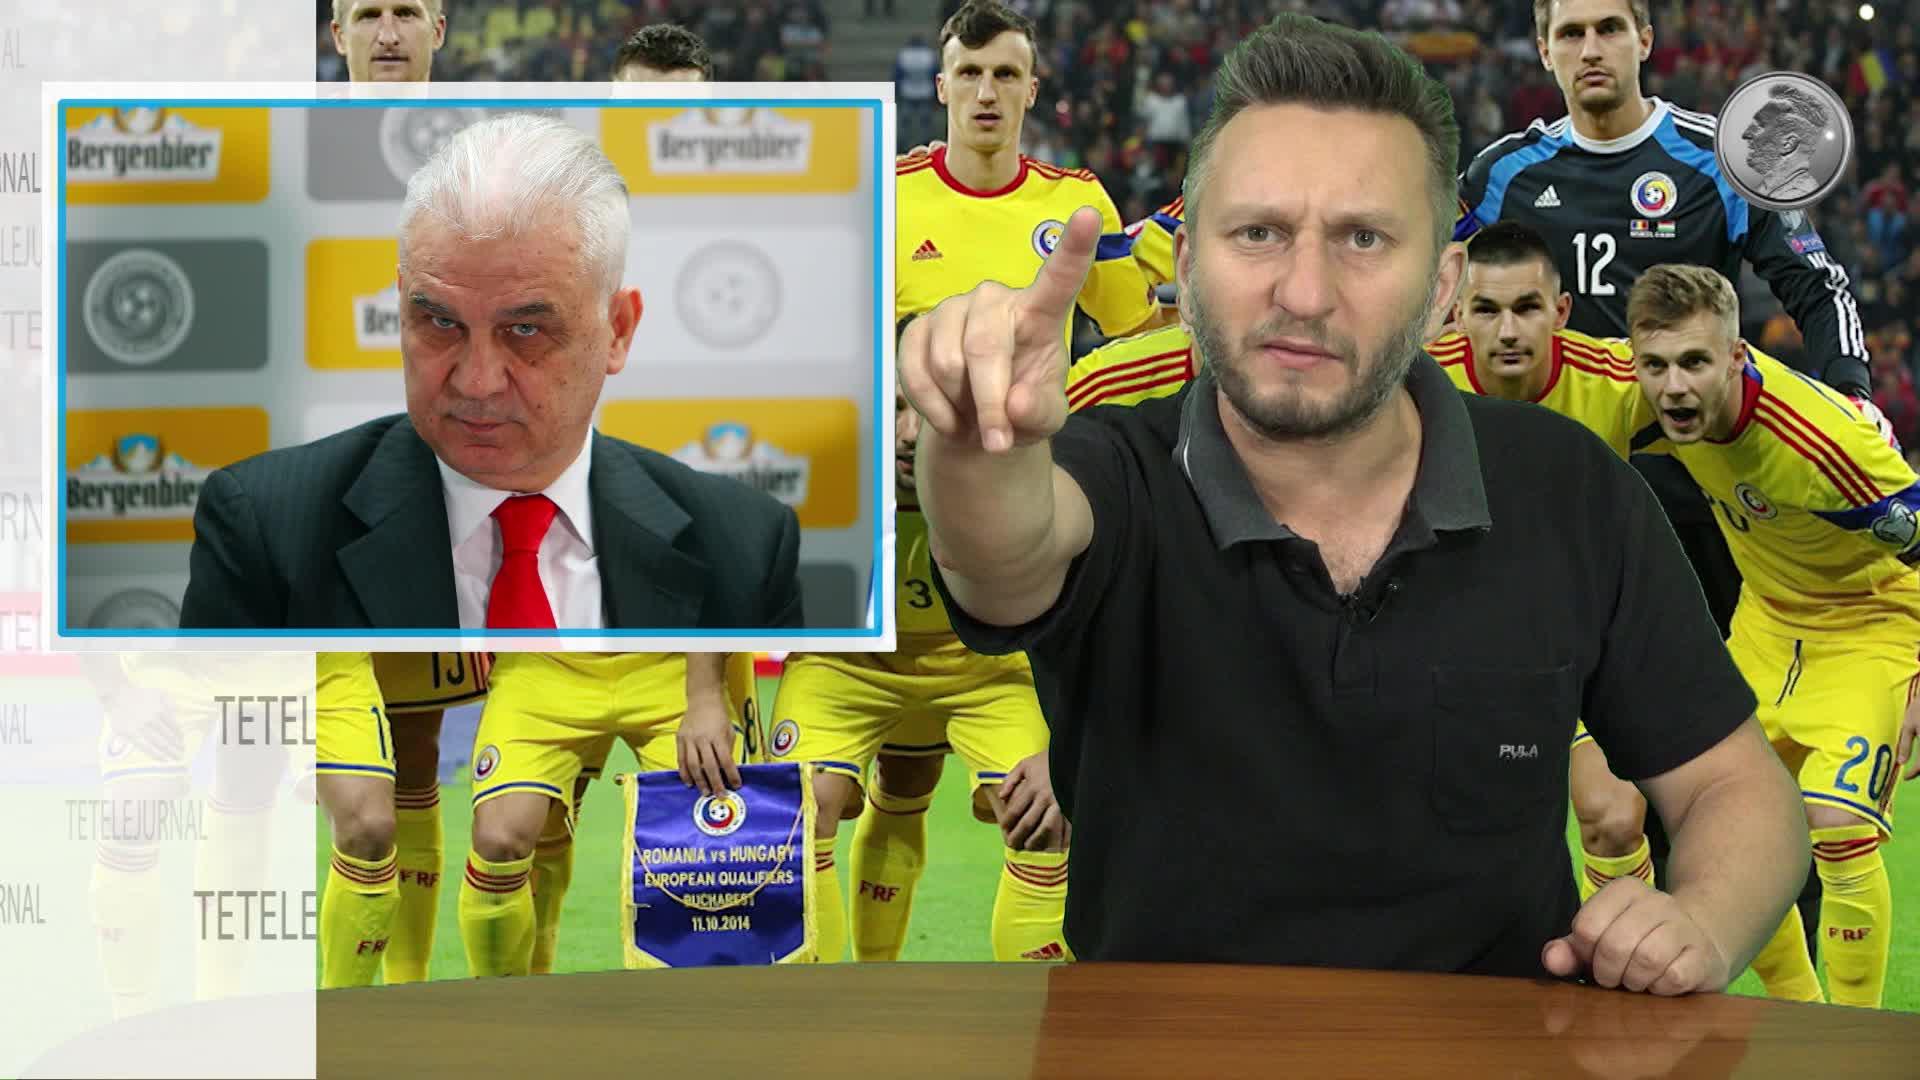 Tetelesport: Tetelu şi Naţionala